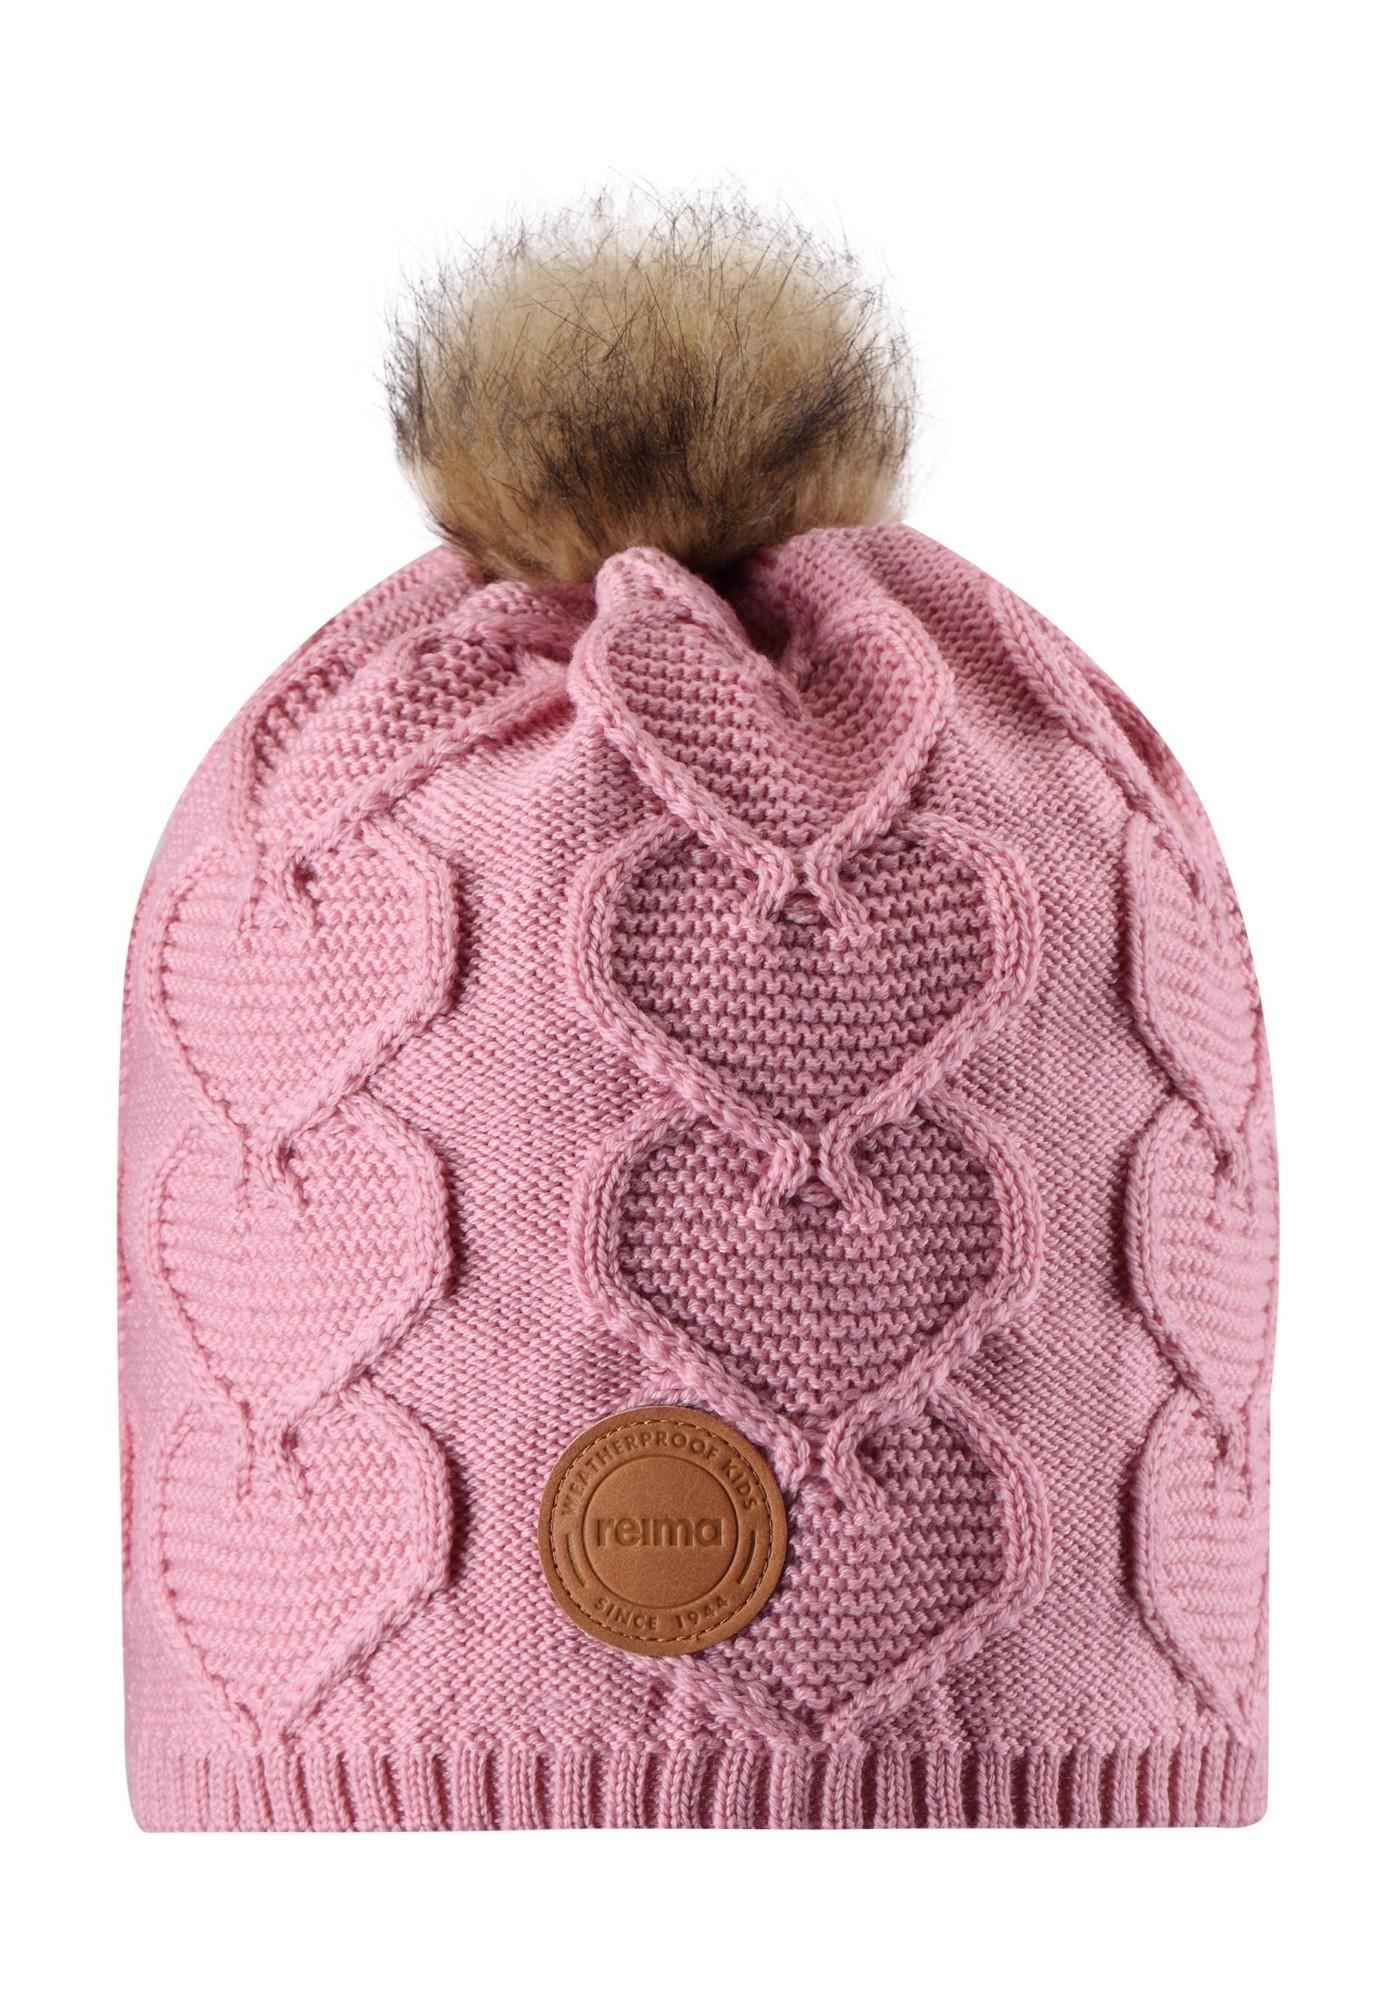 REIMA Knitt Soft rose pink 52-54